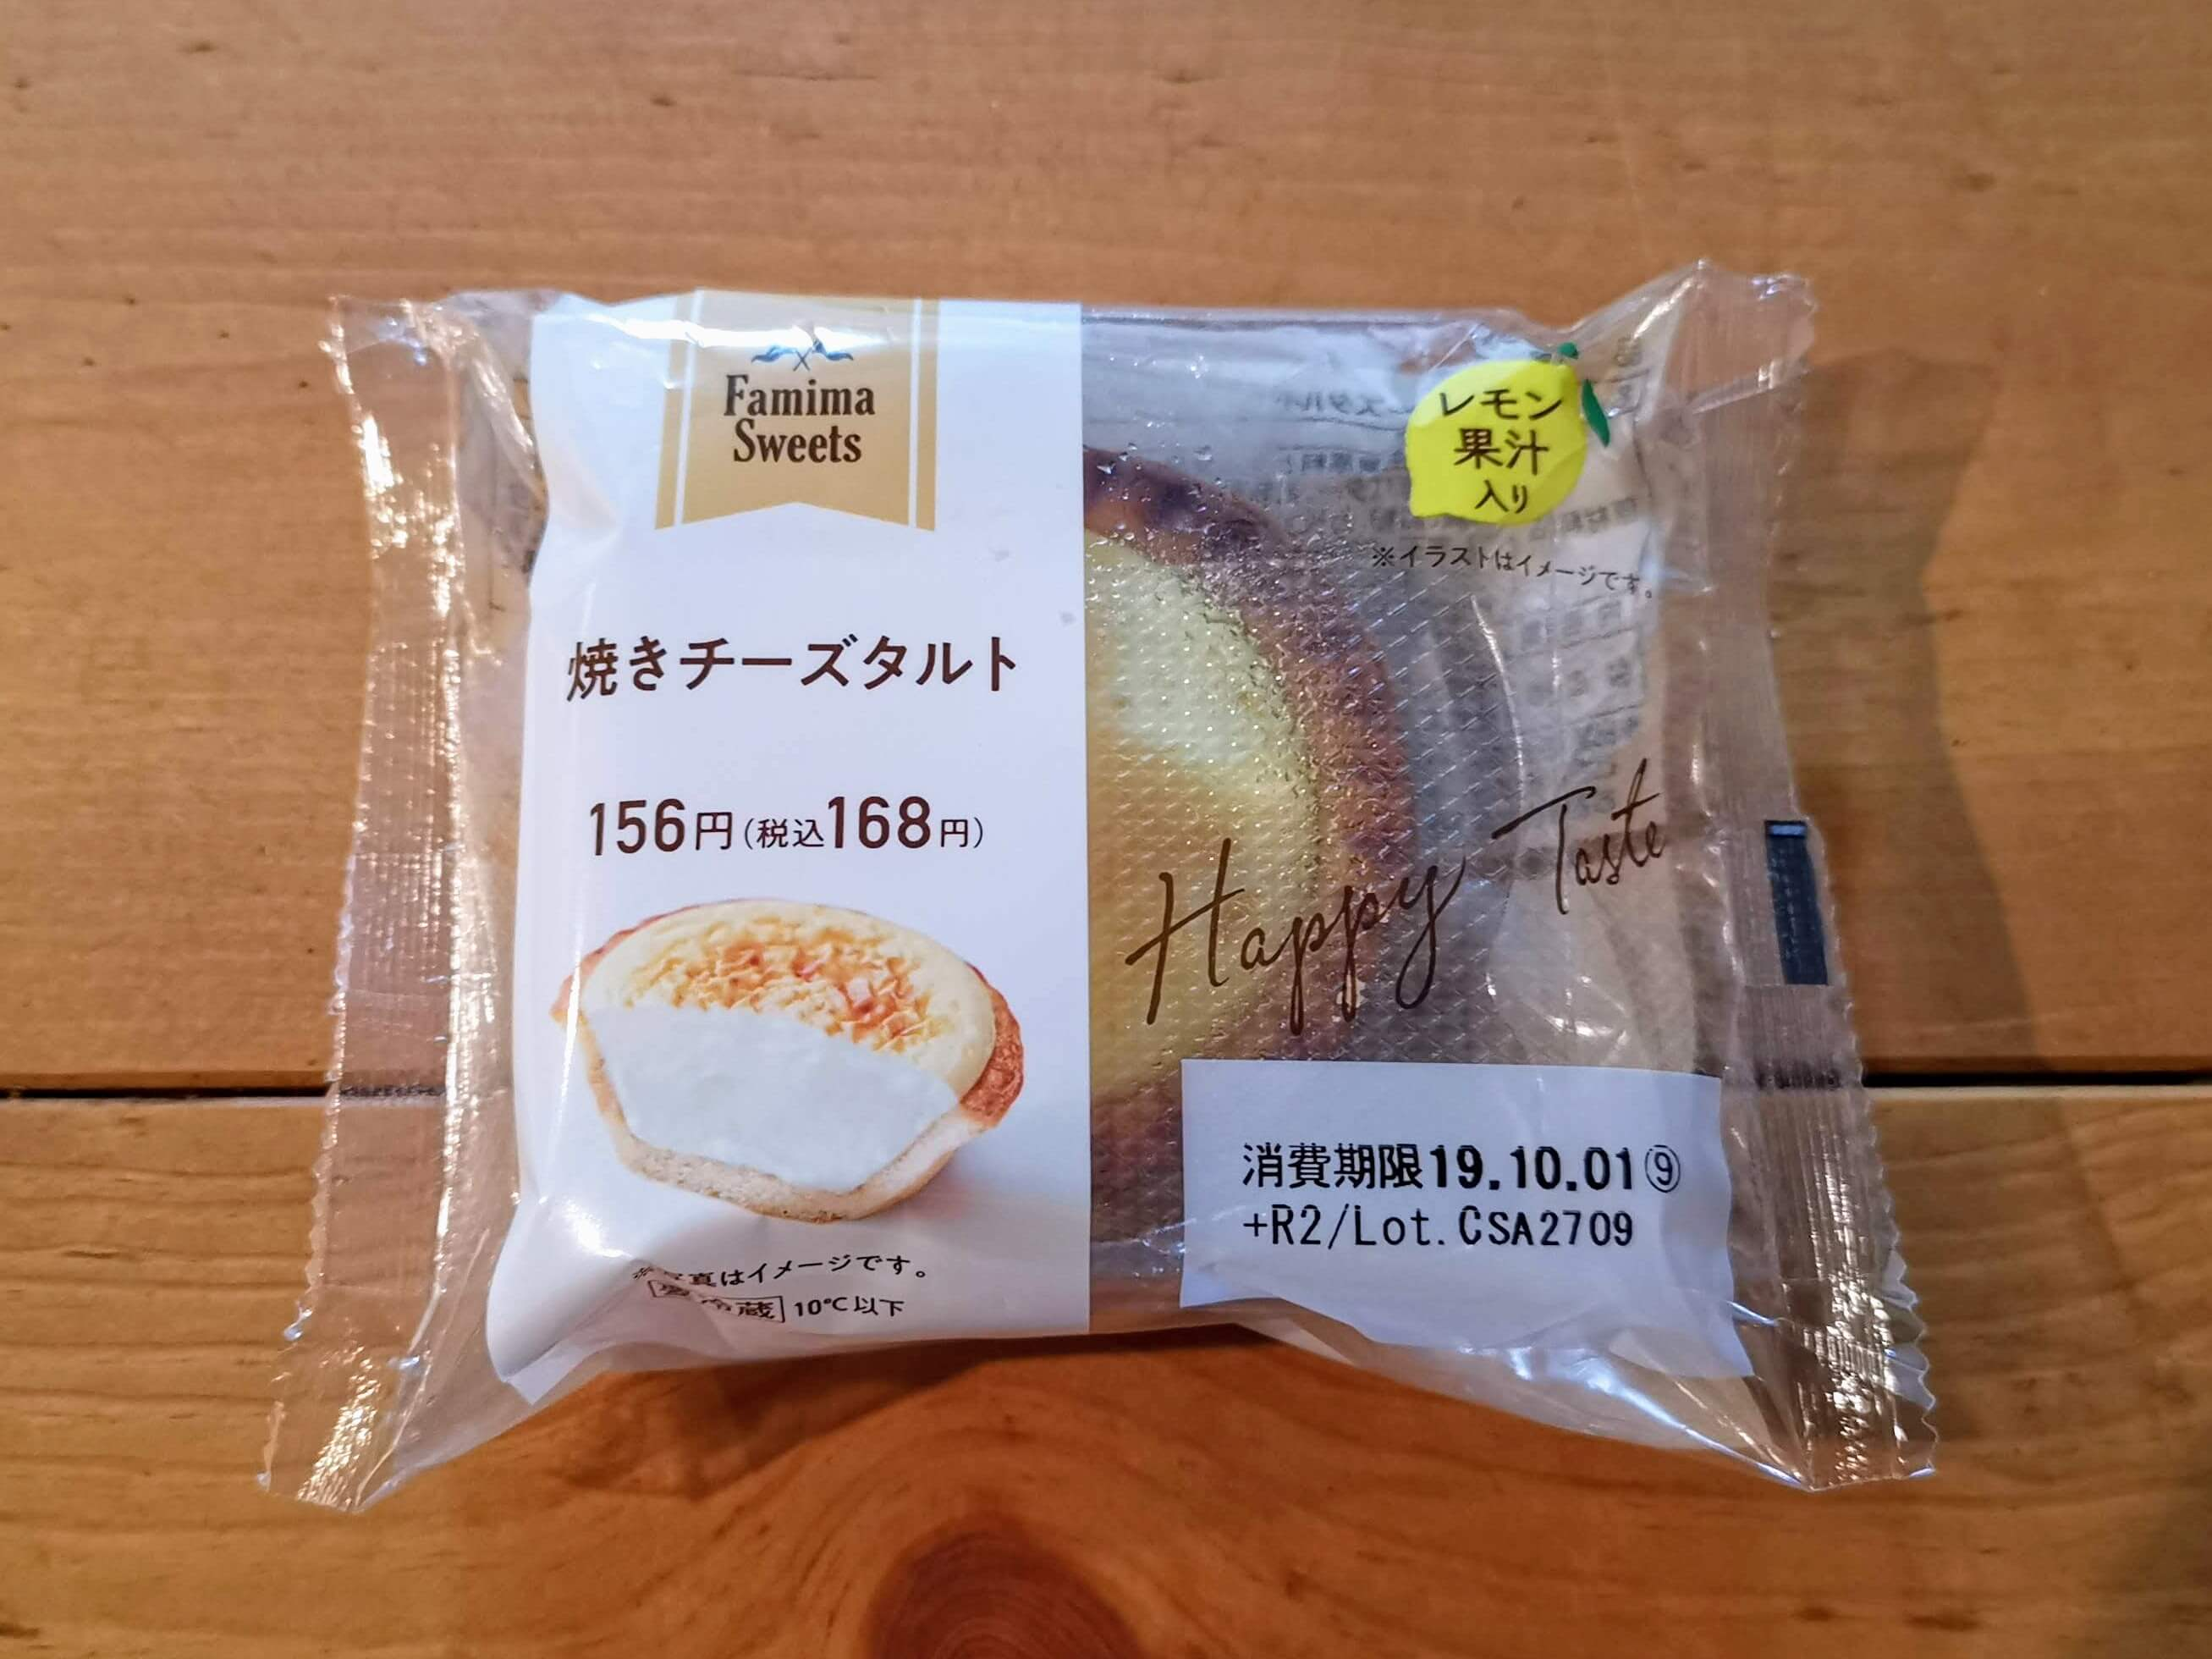 ロピア・ファミリーマート 焼きチーズタルト (4)